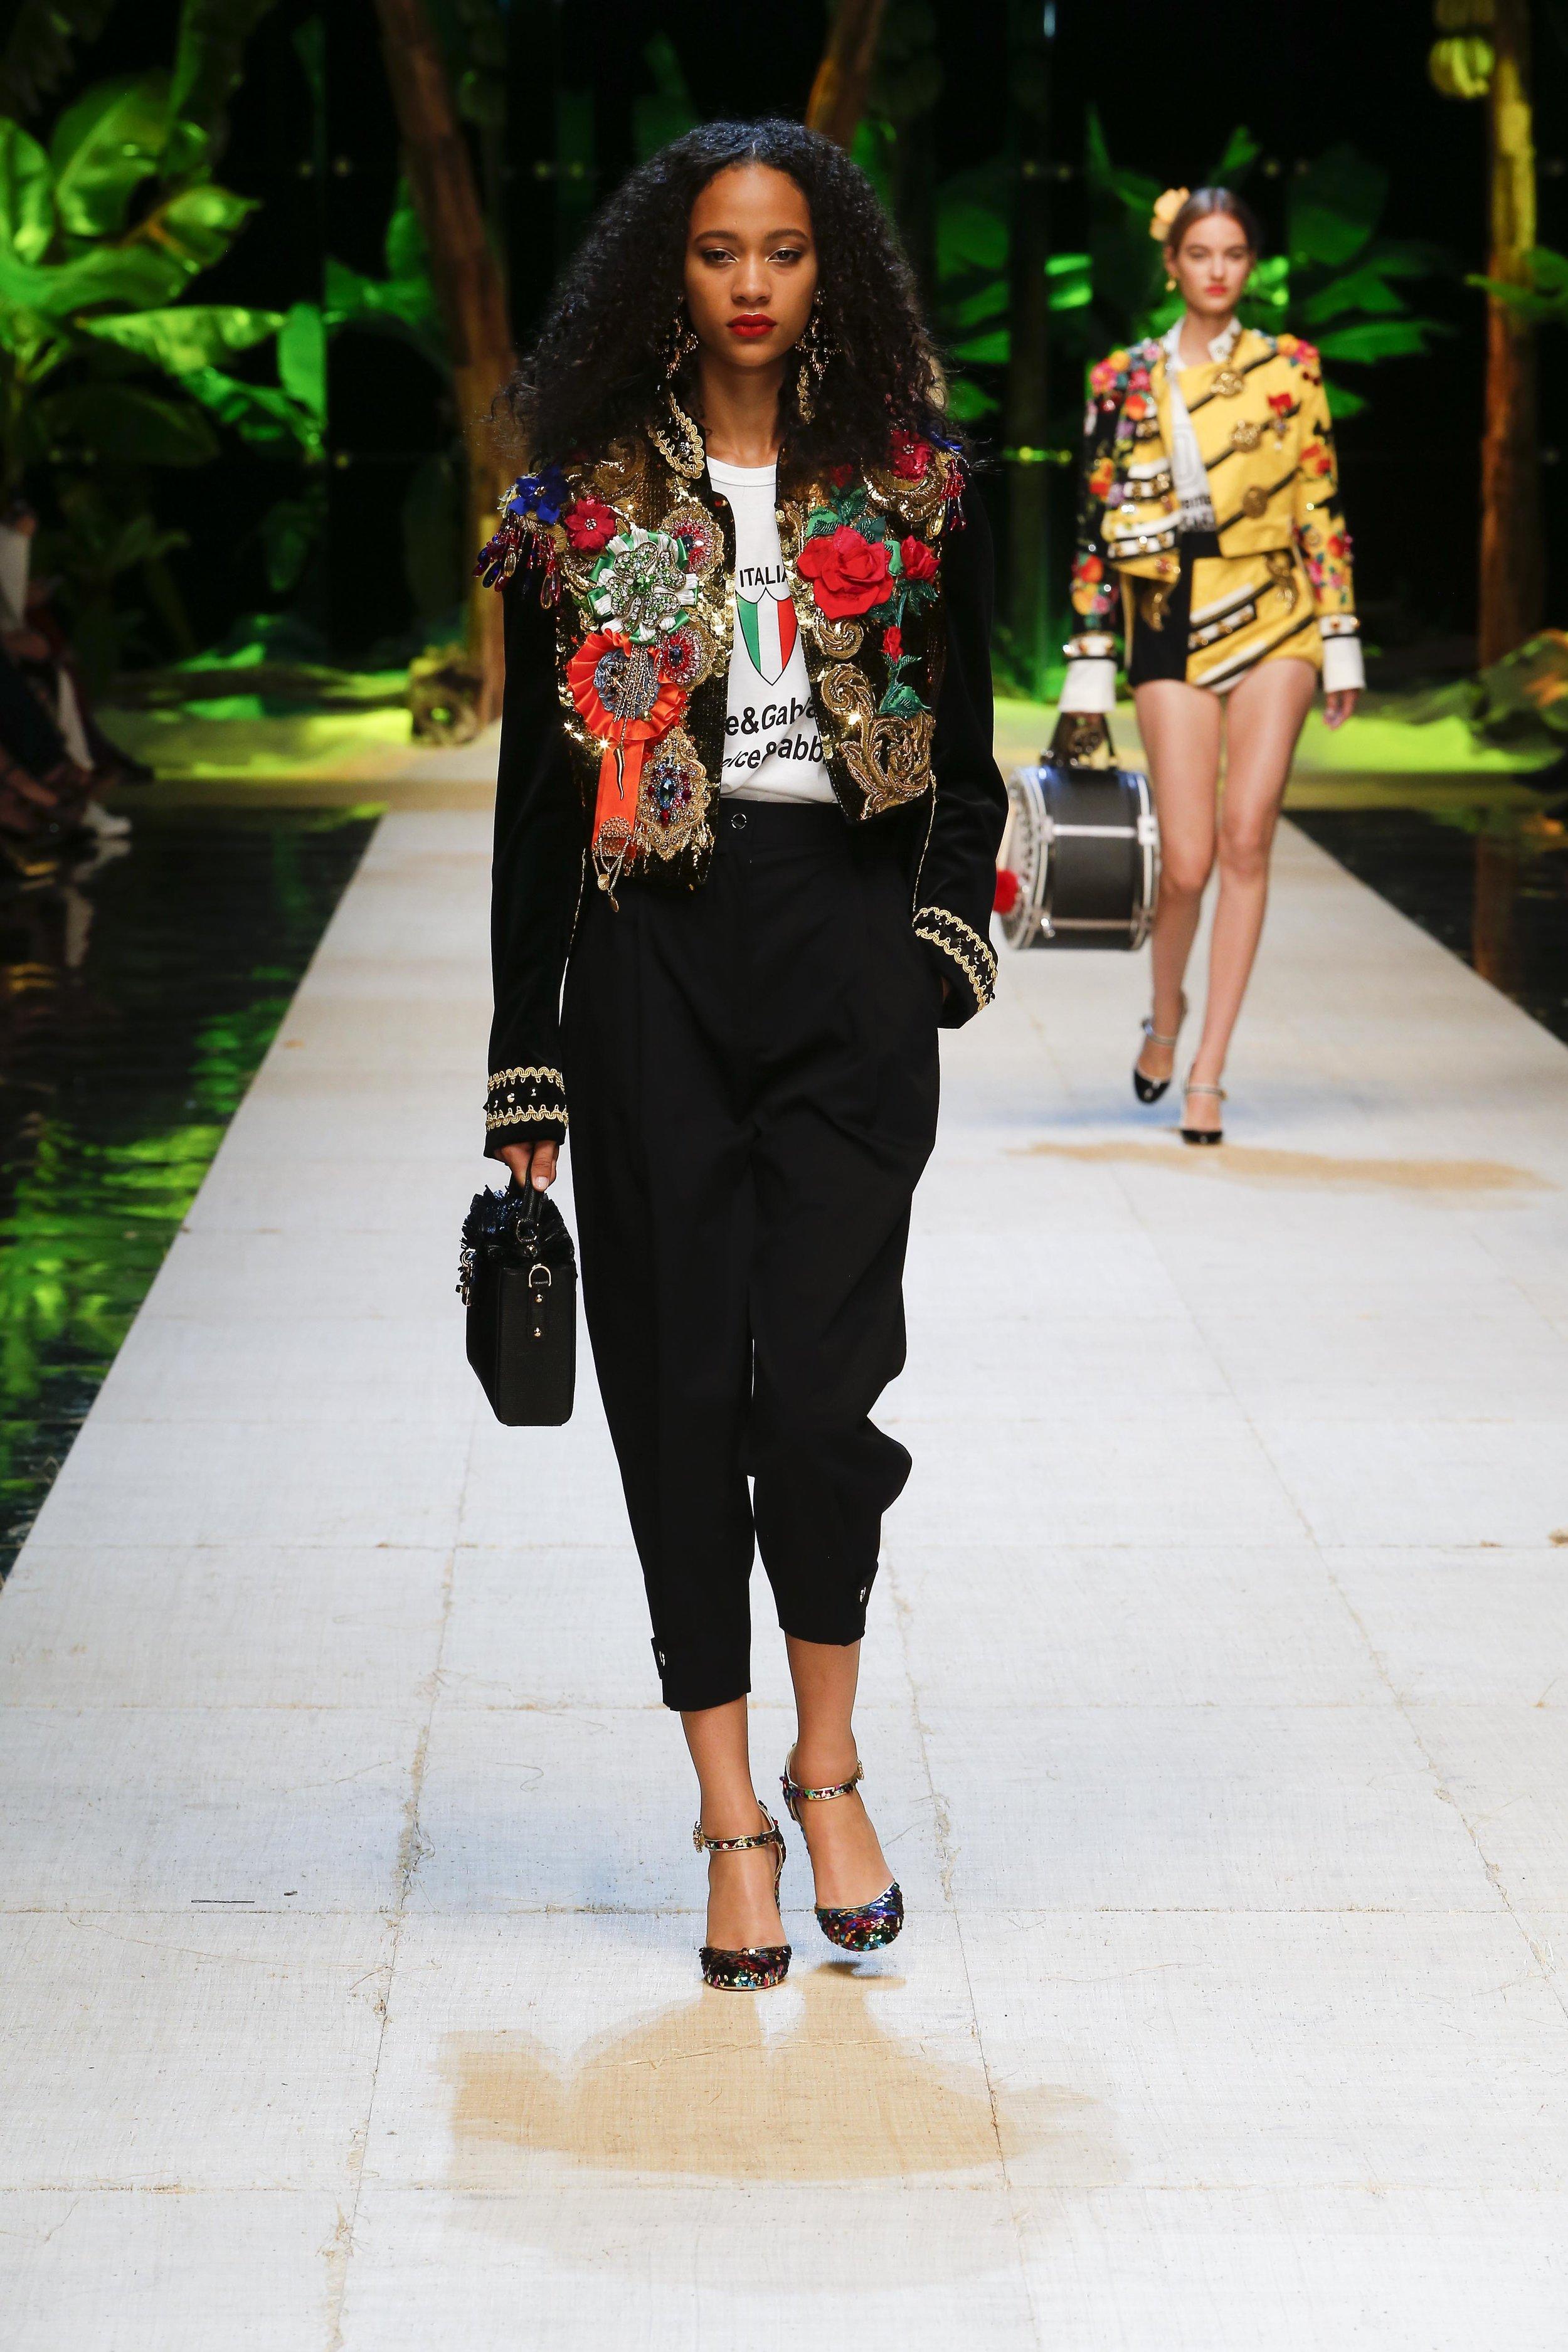 Dolce&Gabbana_women's_fashion_show_SS17 (3).jpg